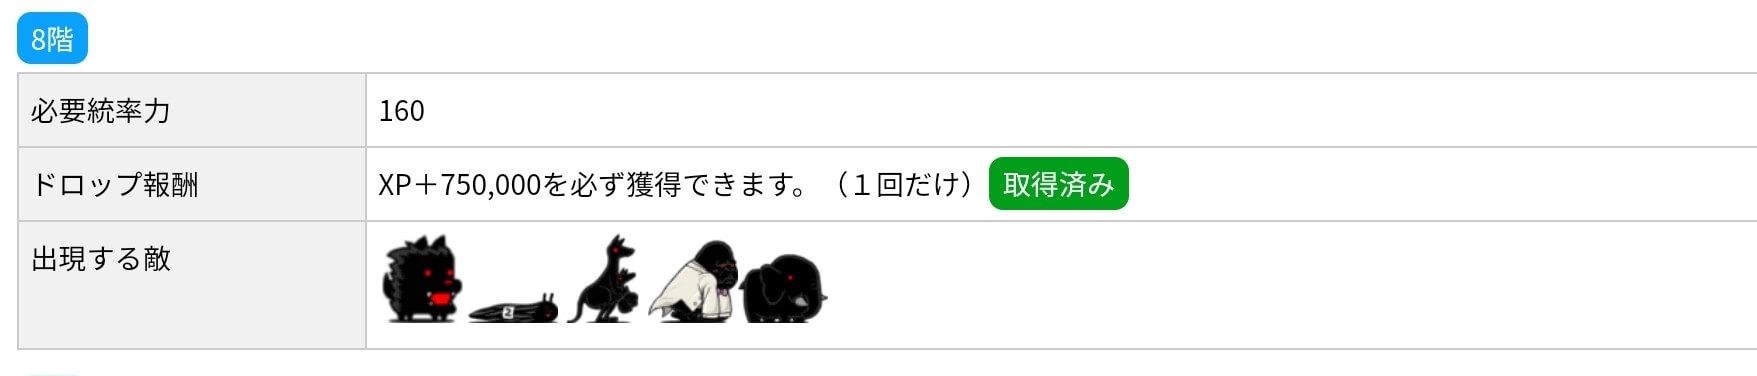 にゃんこ別塔(黒)8階 敵編成